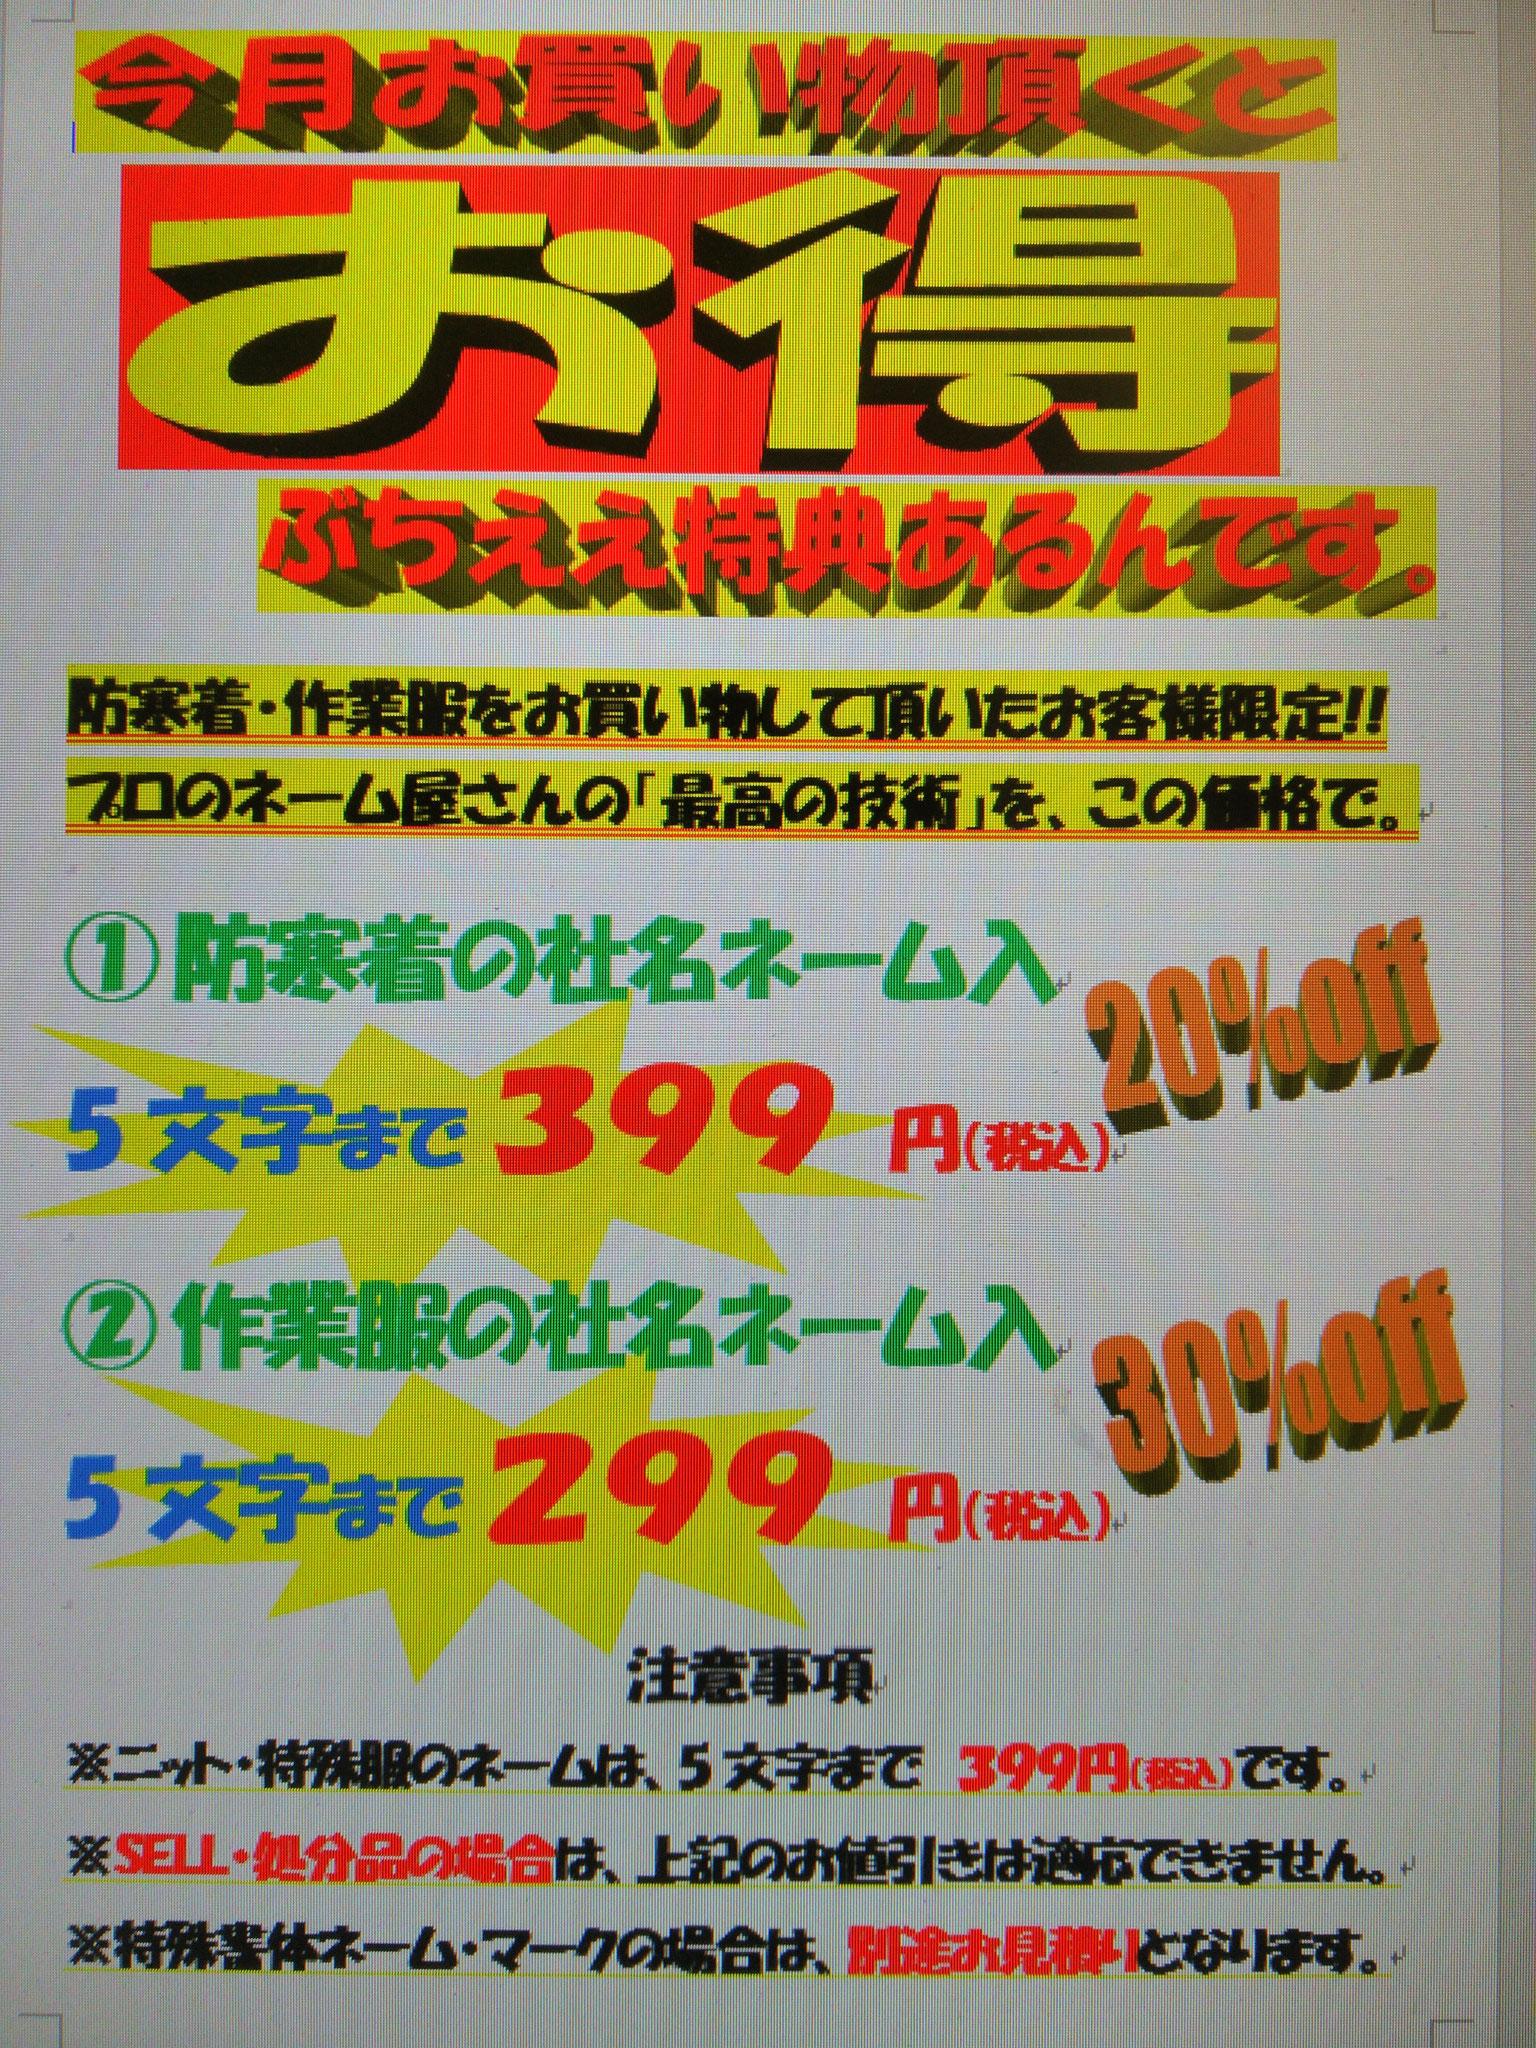 作業服のカッコイイネーム入がお得な価格です!!